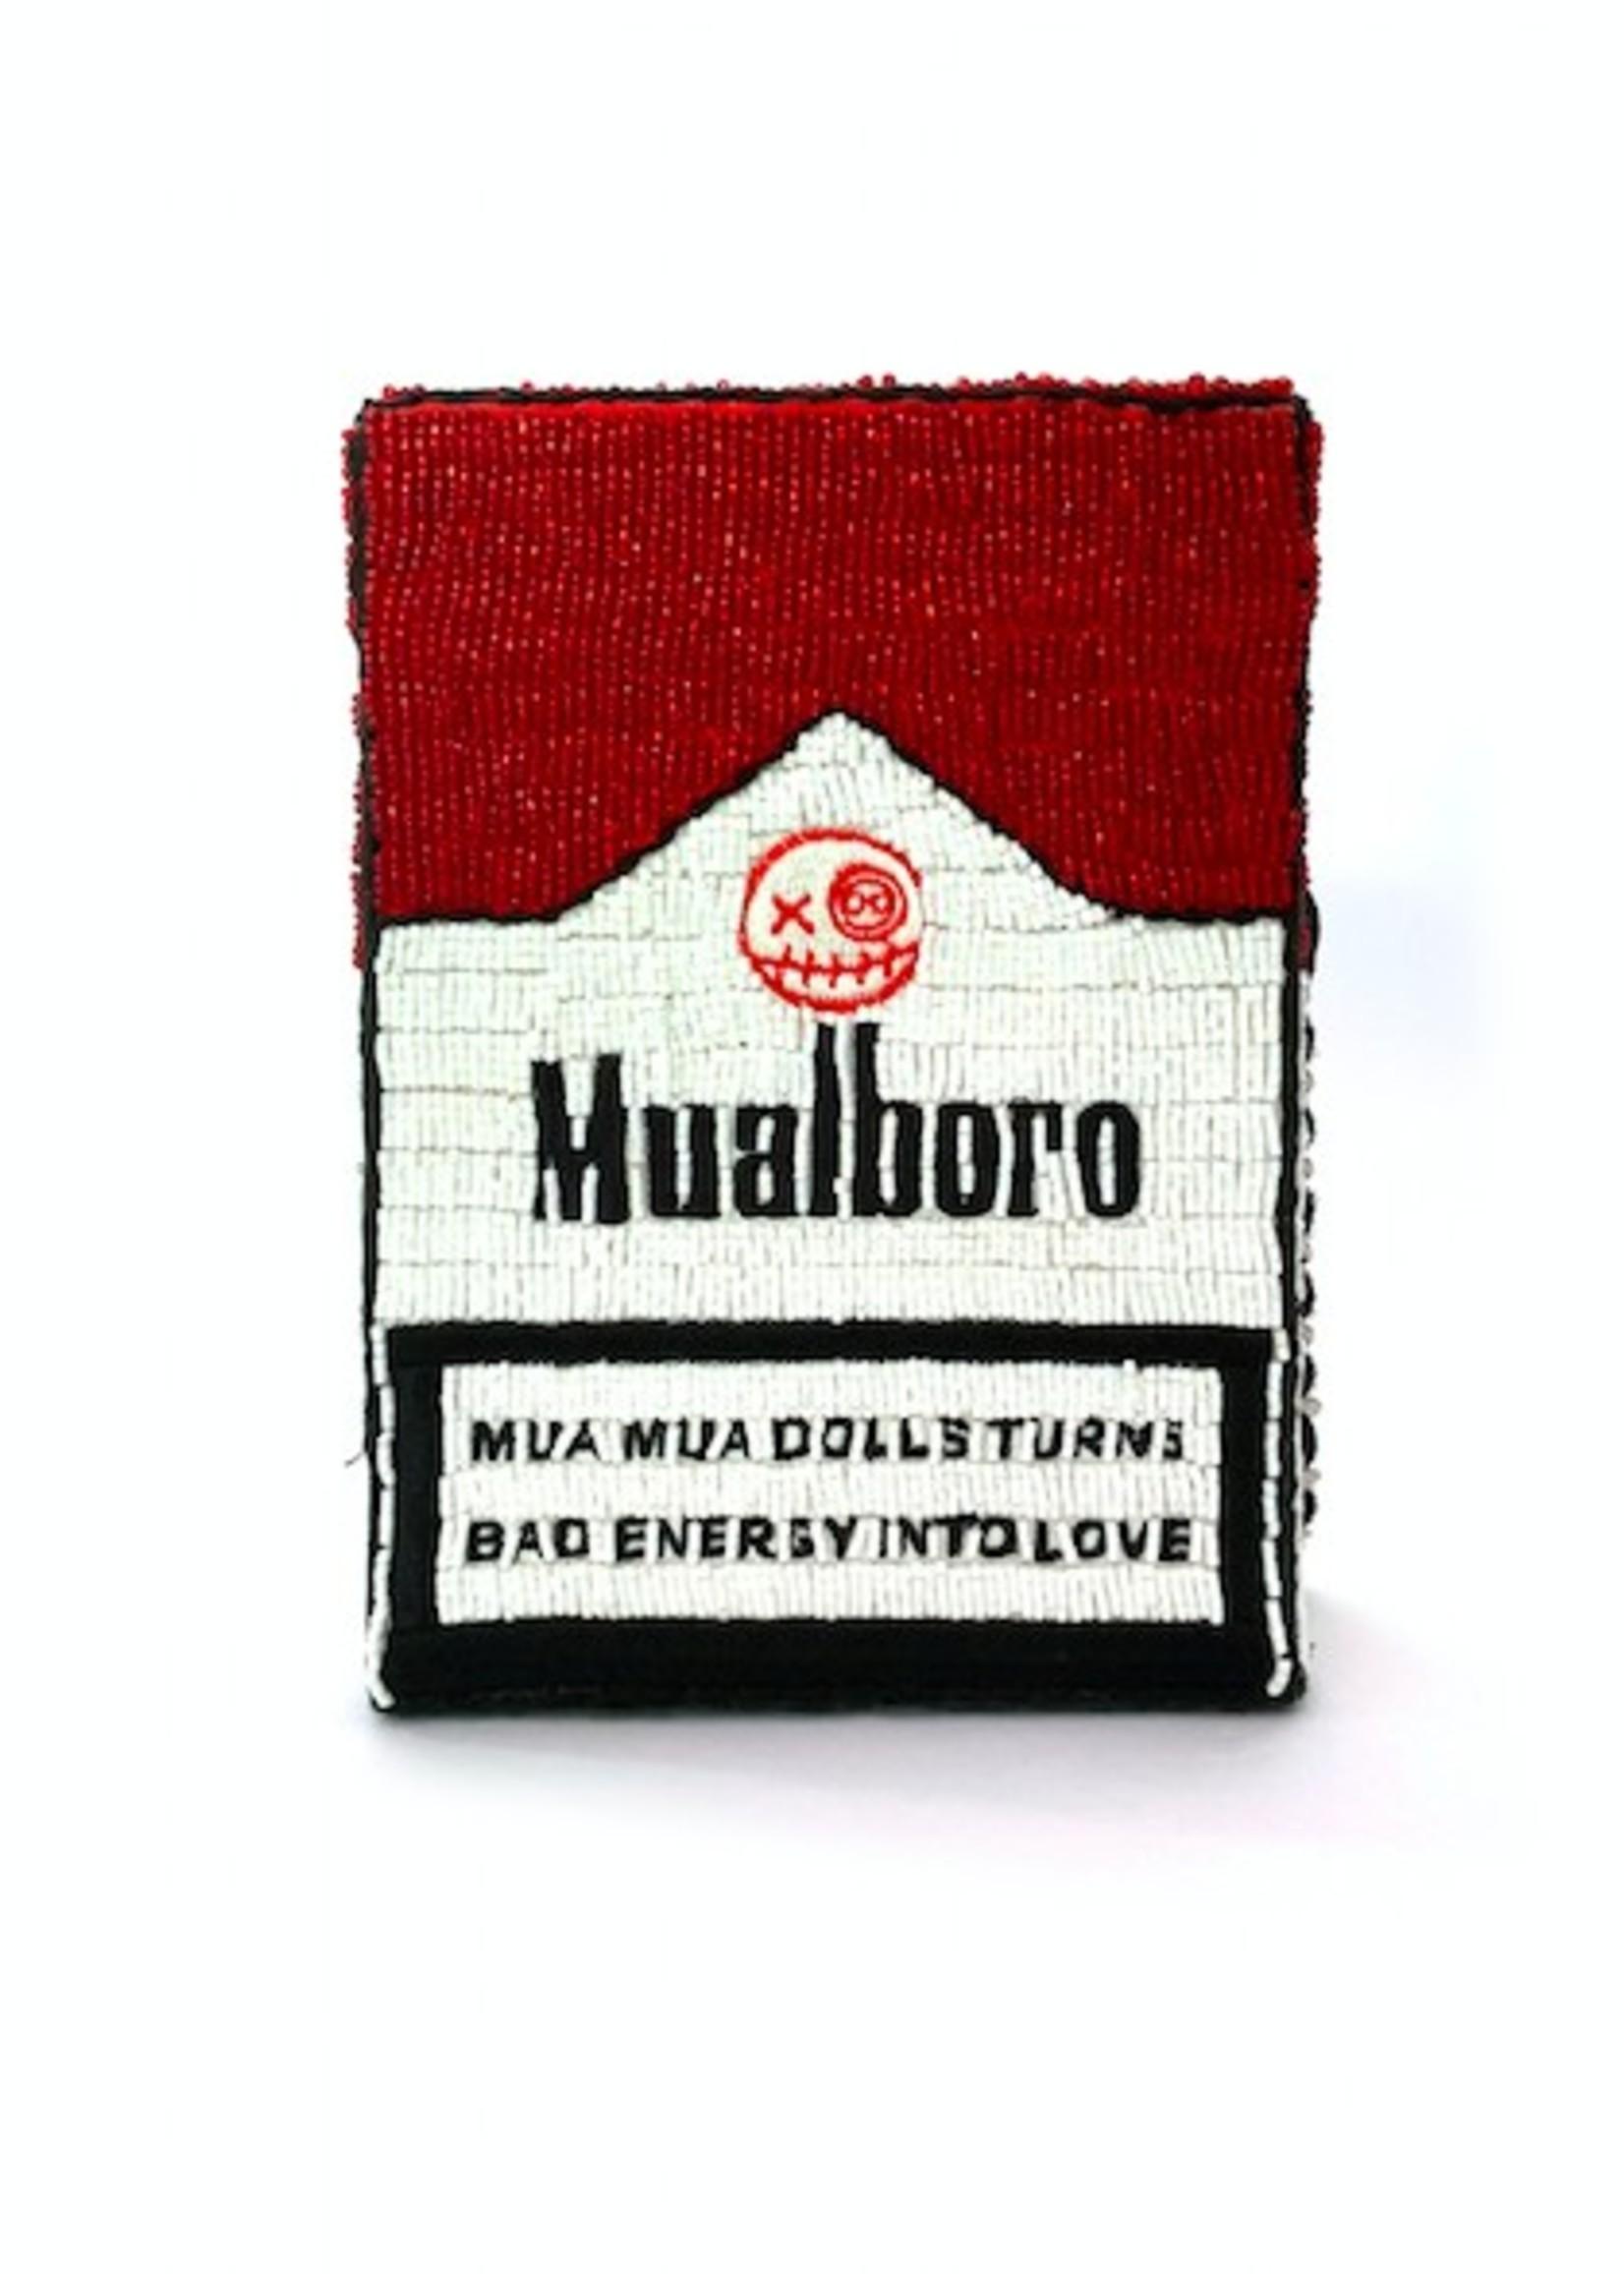 Mua Mua Dolls Mua Mua Dolls Toy Bag Mualboro